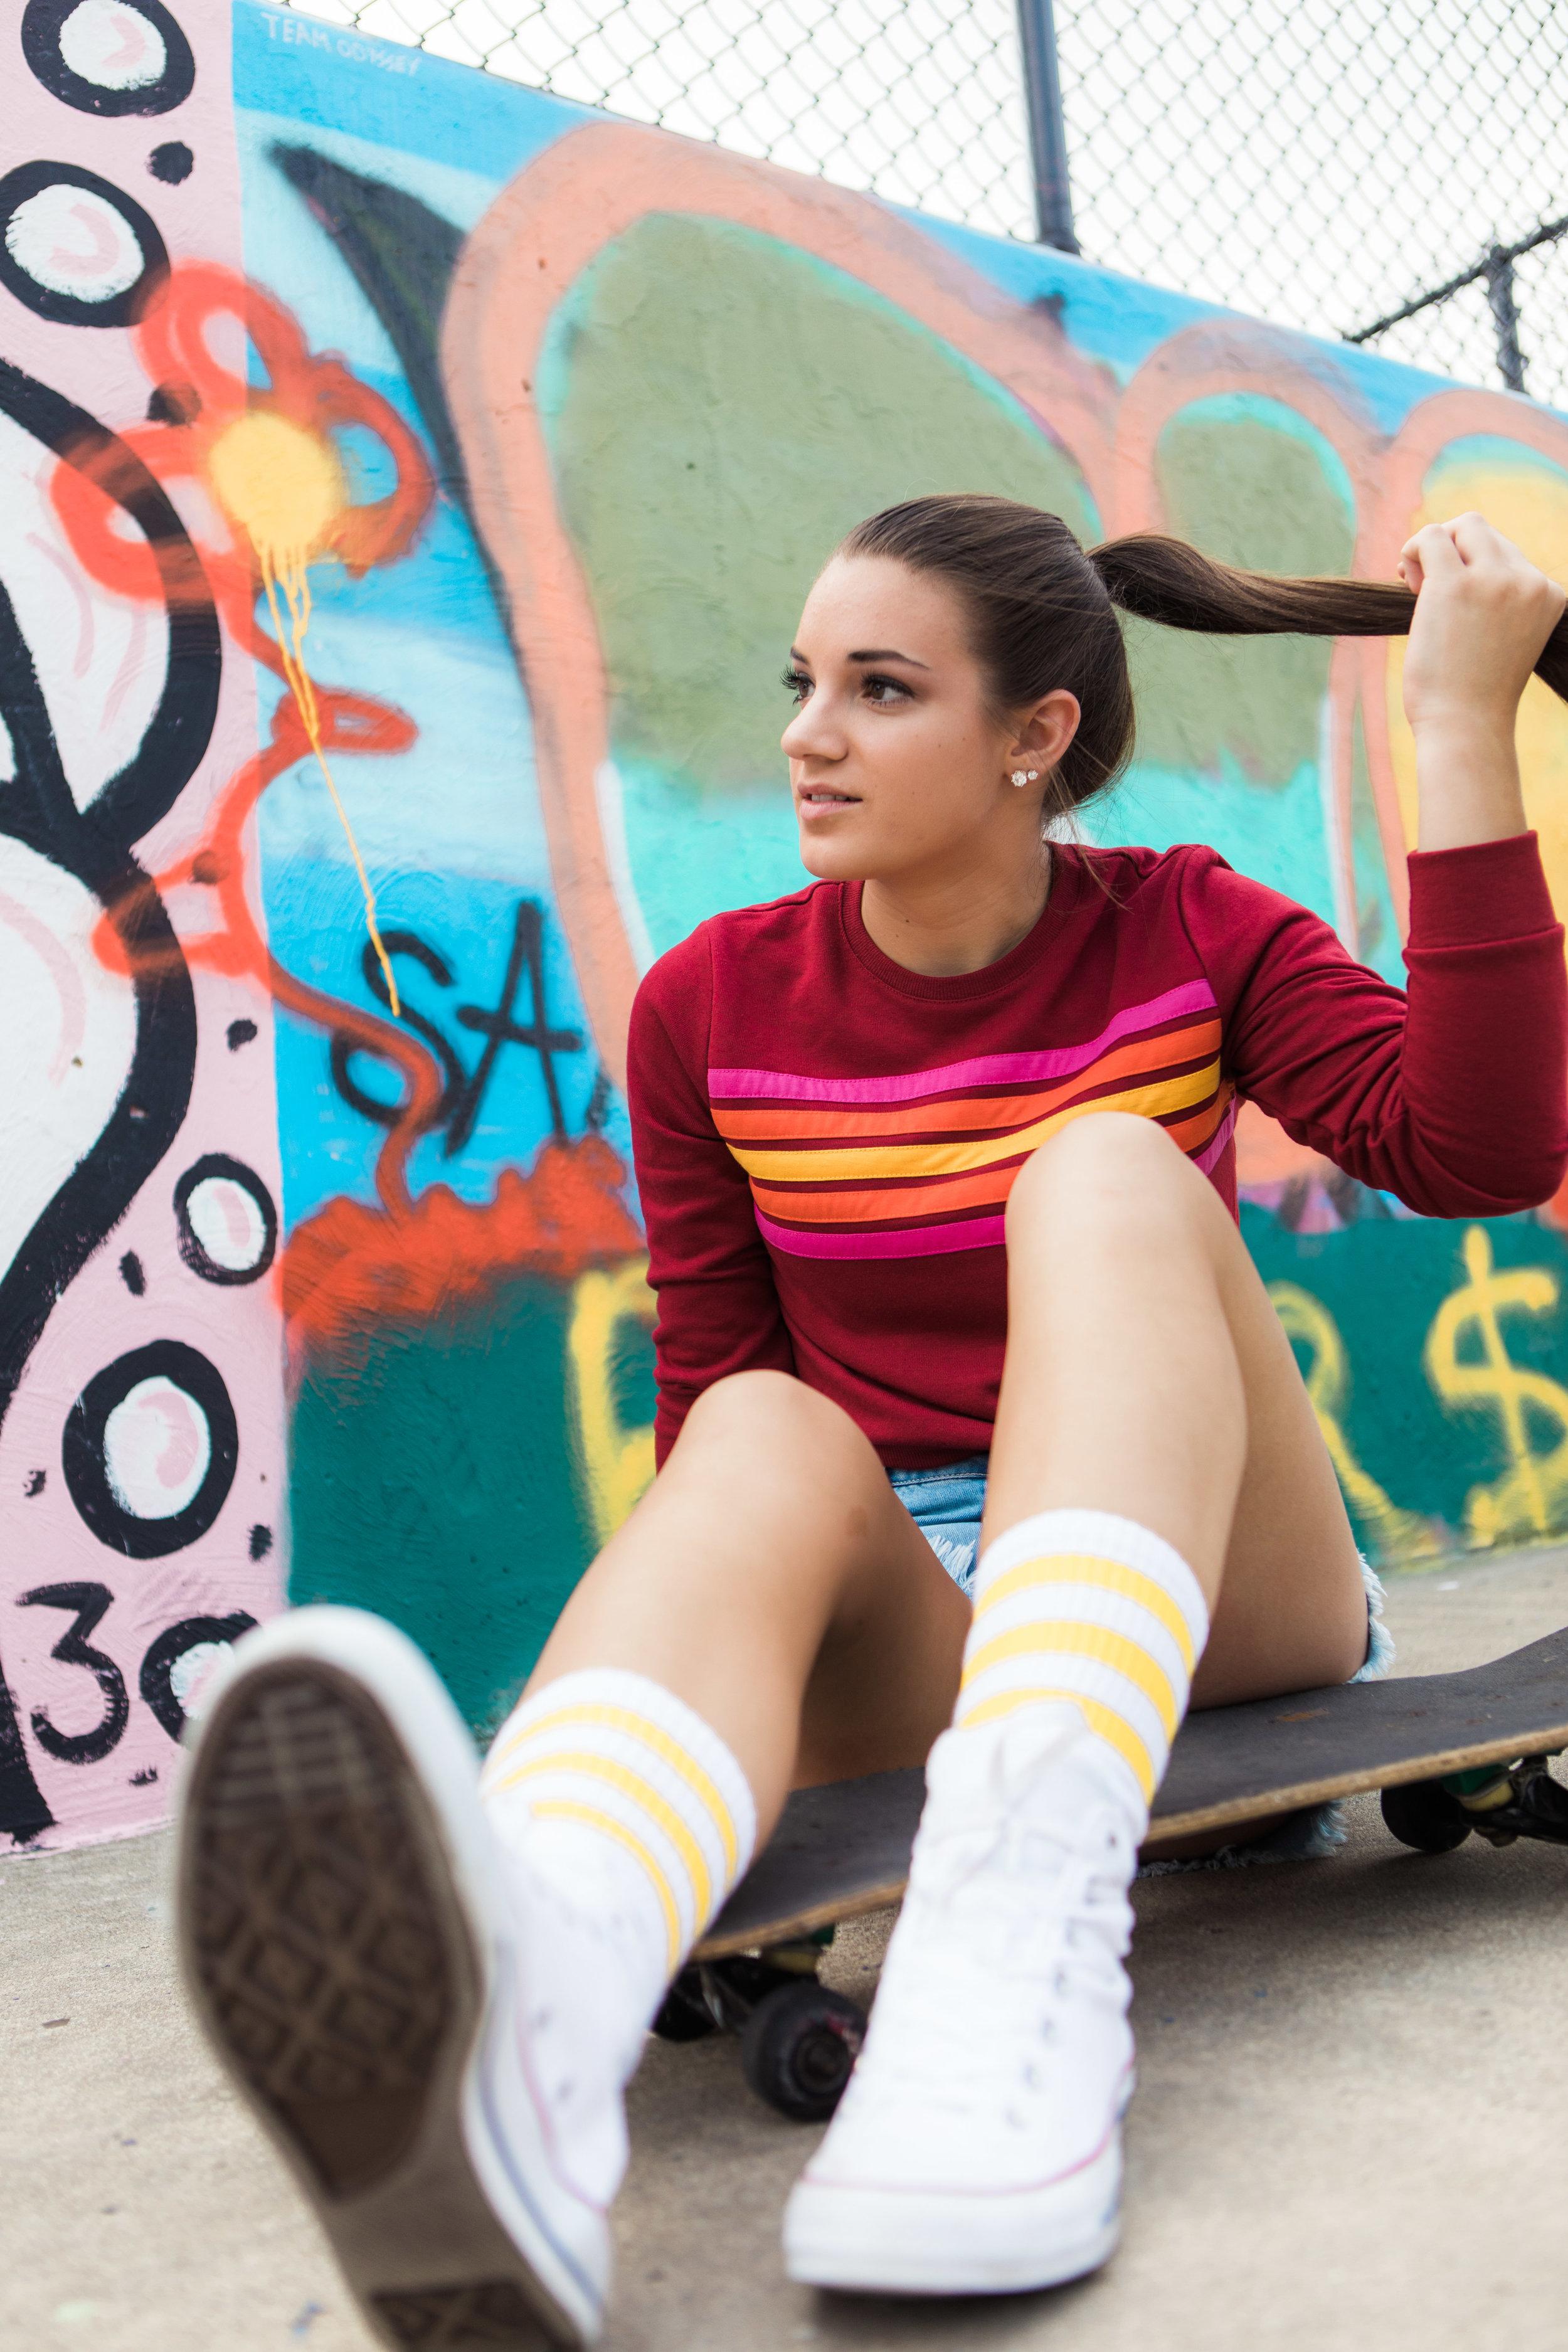 PRINT 2018.08.19 Skatepark {Styled Shoot} (37 of 184)0037.jpg